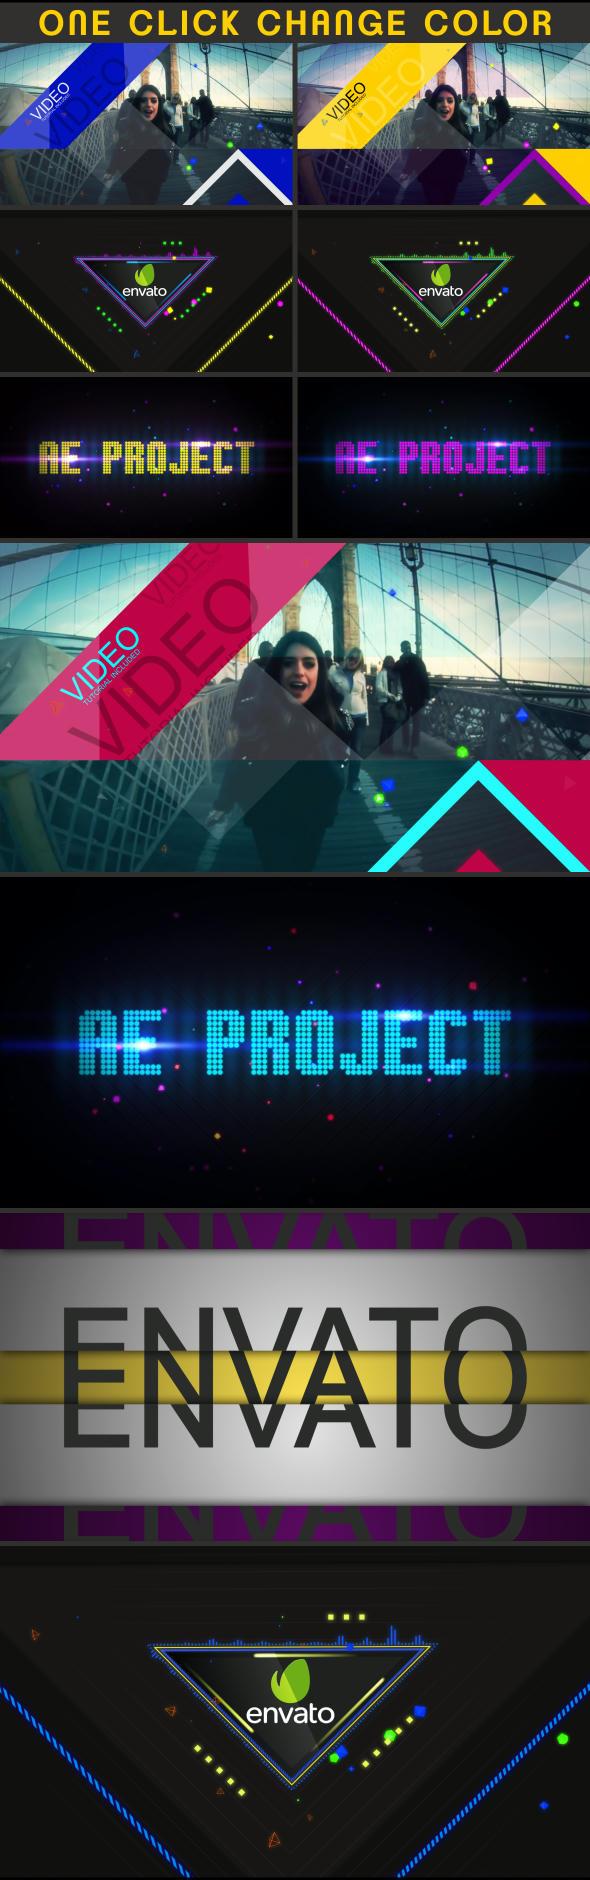 音乐盛典音乐晚会音乐party开场AE模板 videohive Music Event